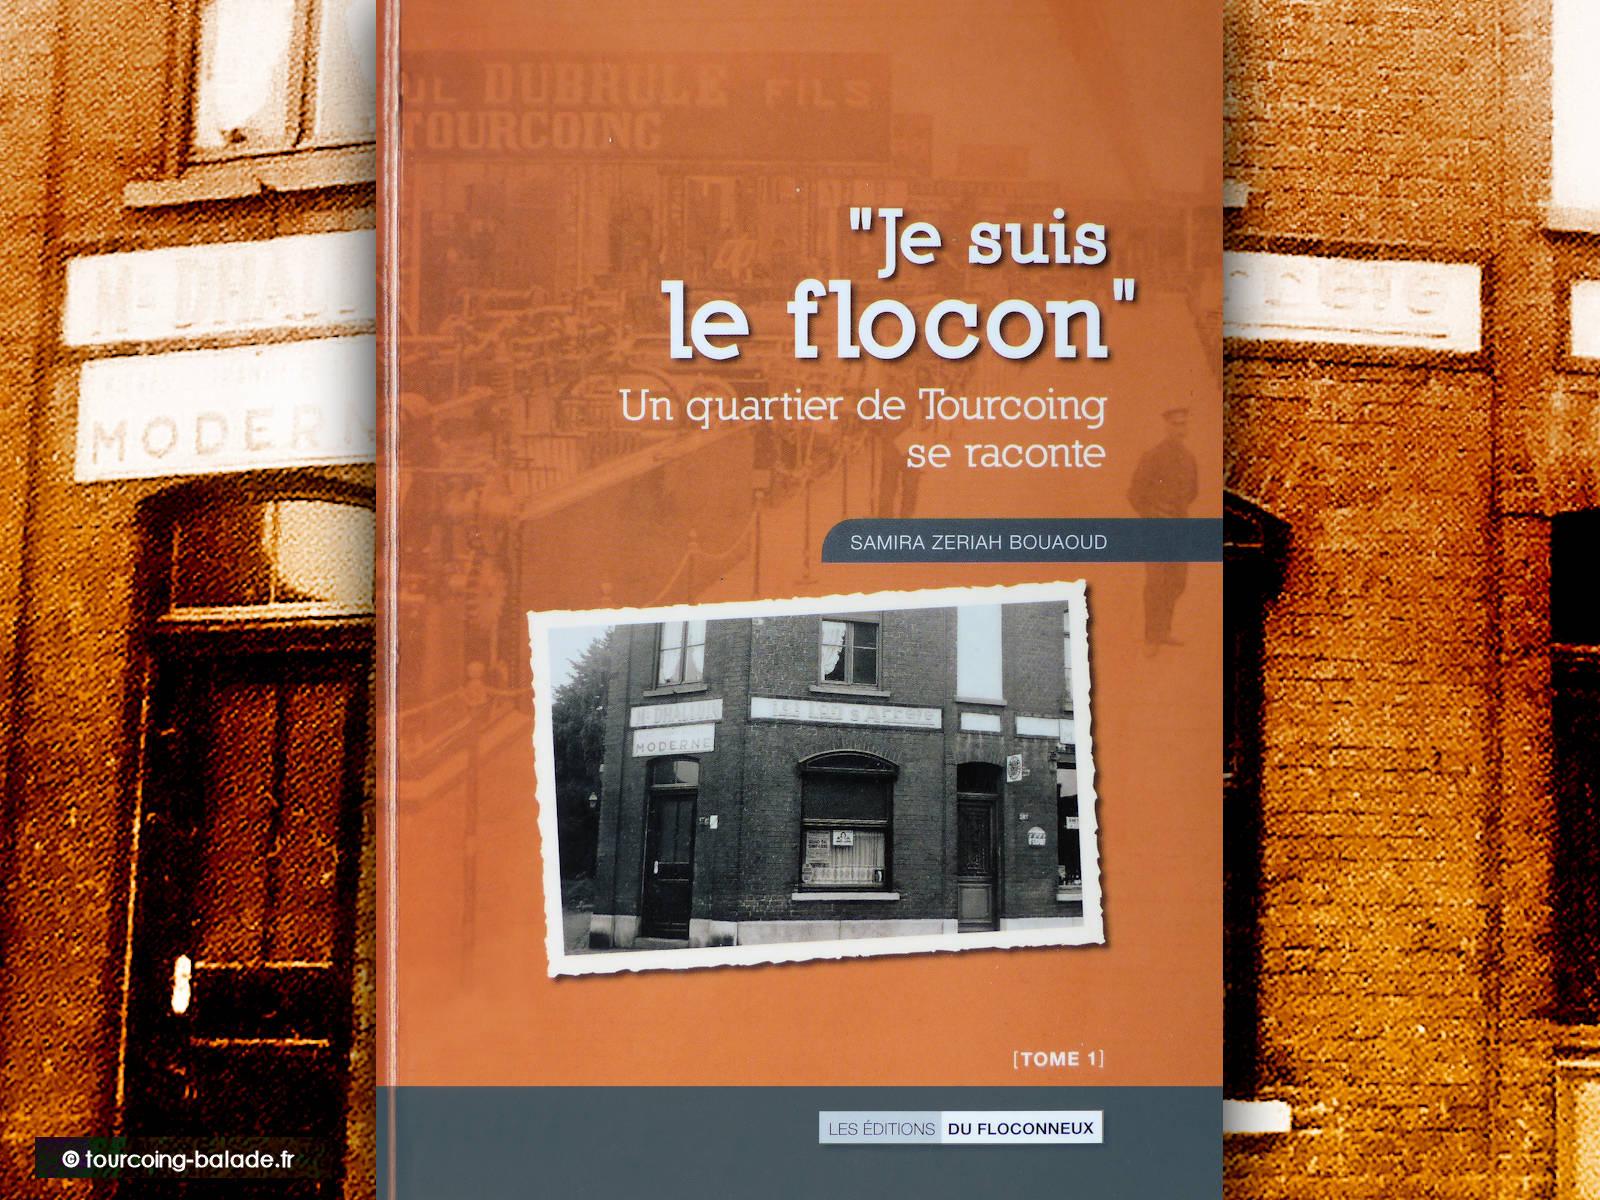 Je suis du Flocon, Tome 1, 2009